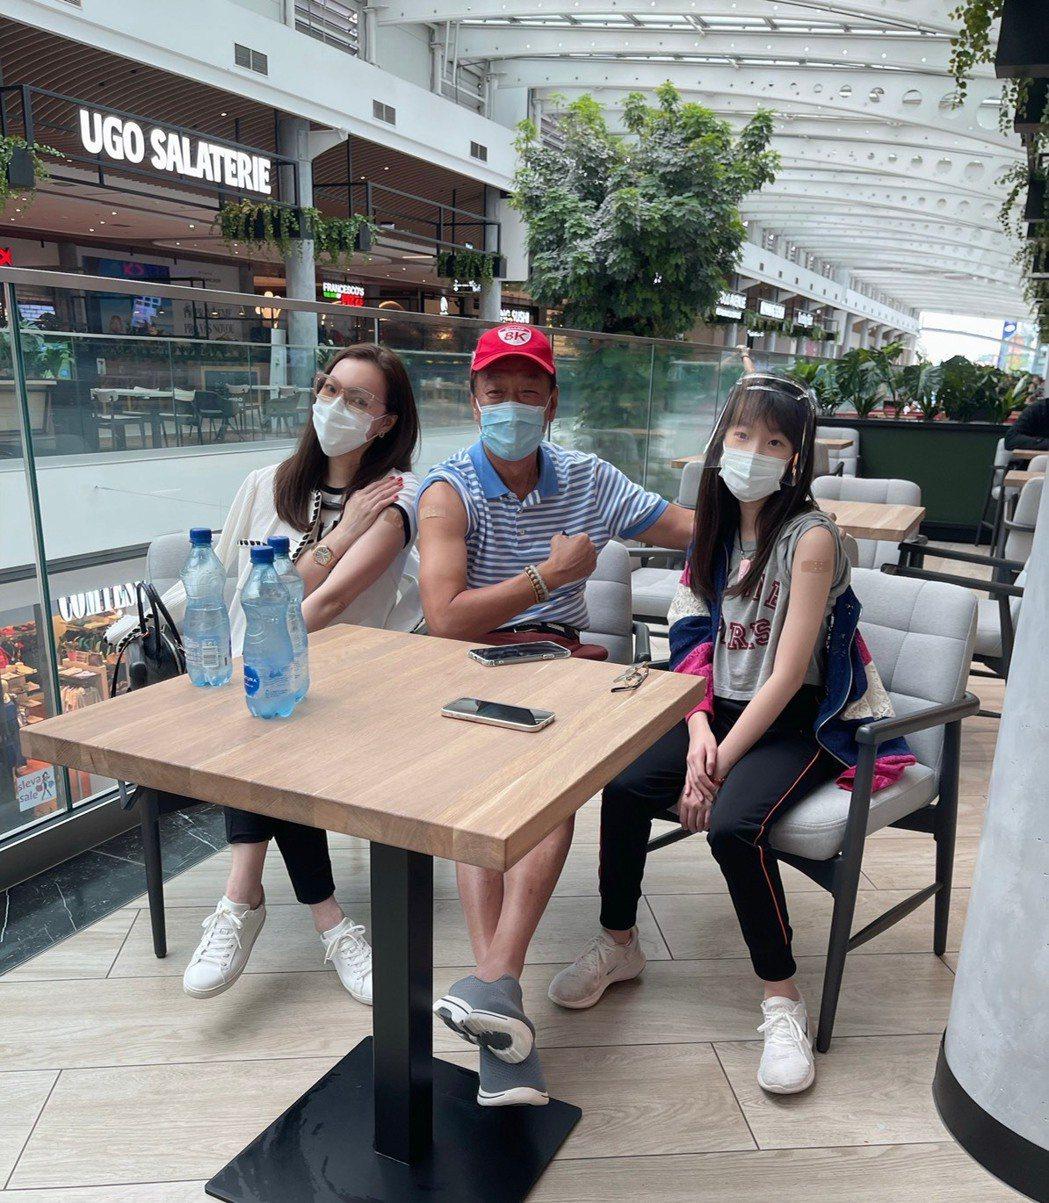 鴻海創辦人郭台銘(中)與家人在捷克的購物中心,一起打疫苗。郭台銘辦公室/提供